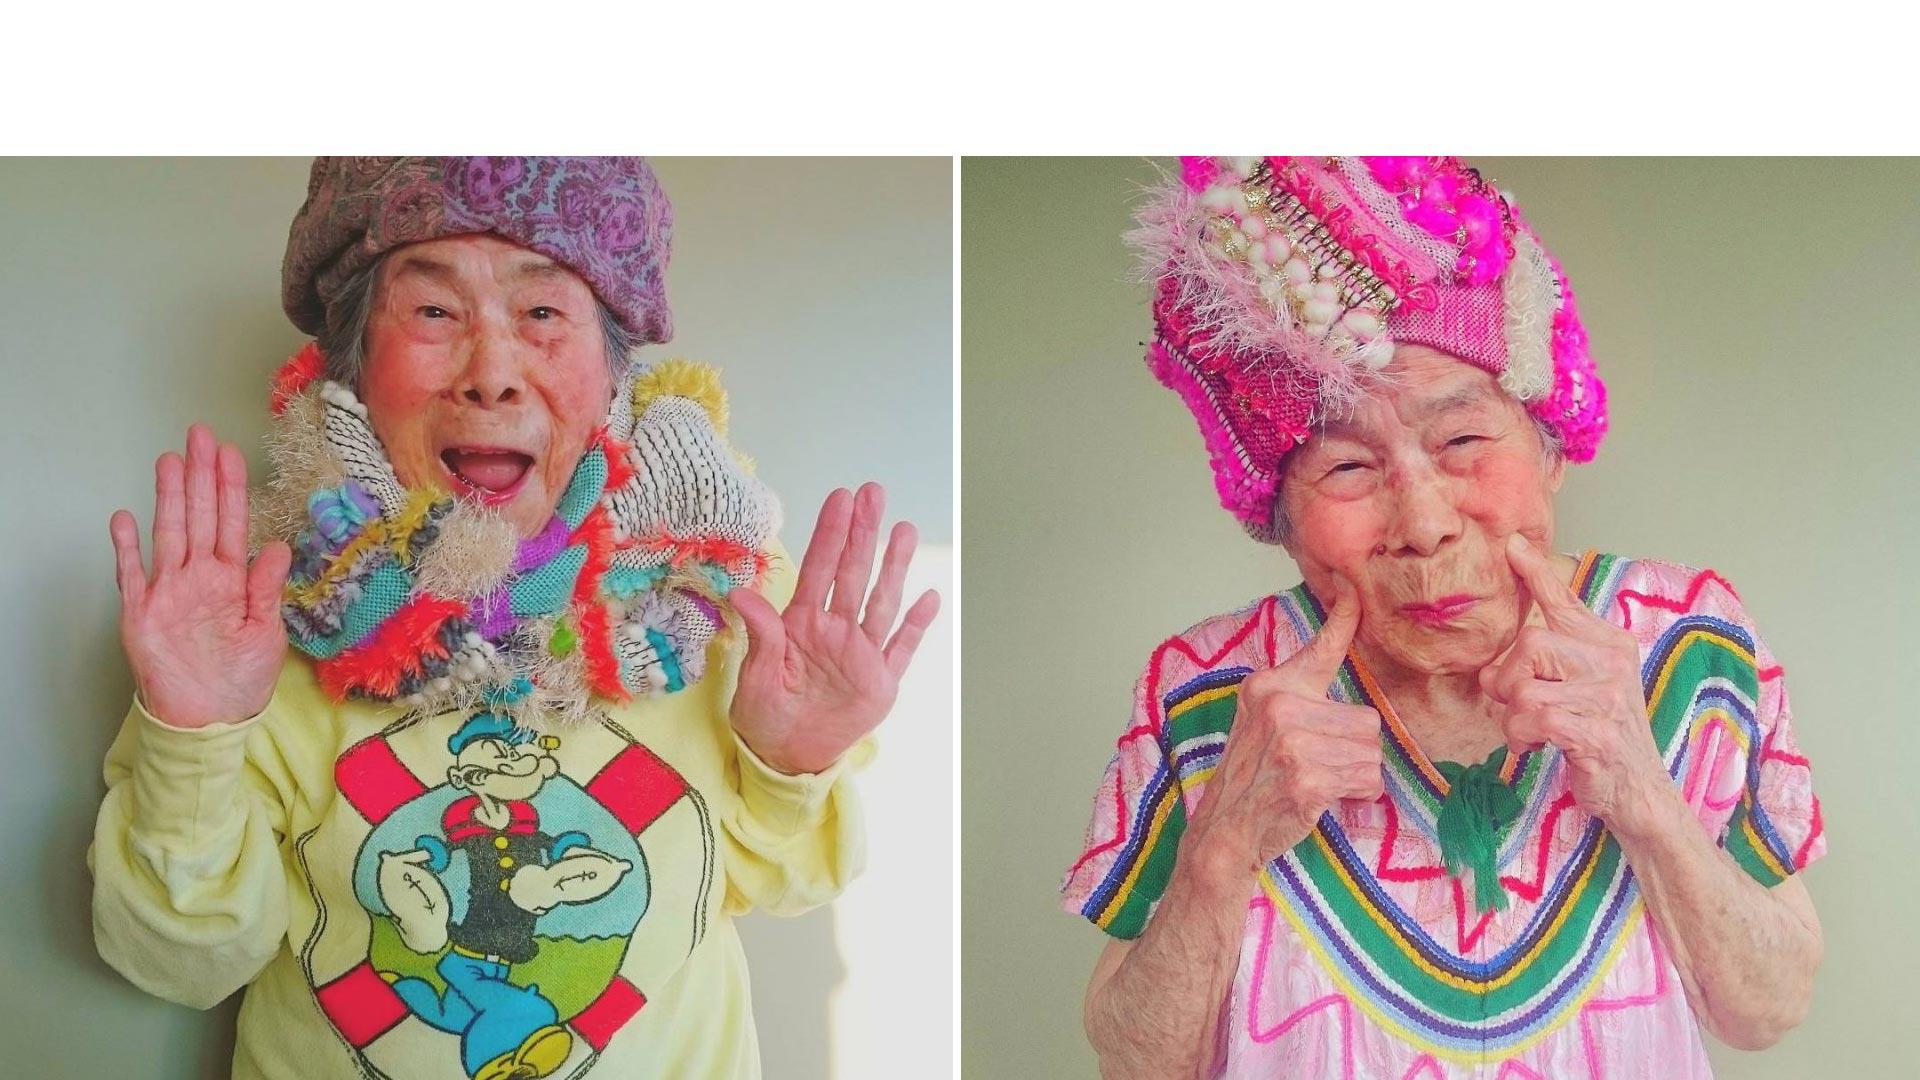 Esta abuela se convirtió en modelo luego de que su nieta tejiera unas prendas. Su personalidad y carisma la catapultaron a la fama en redes sociales